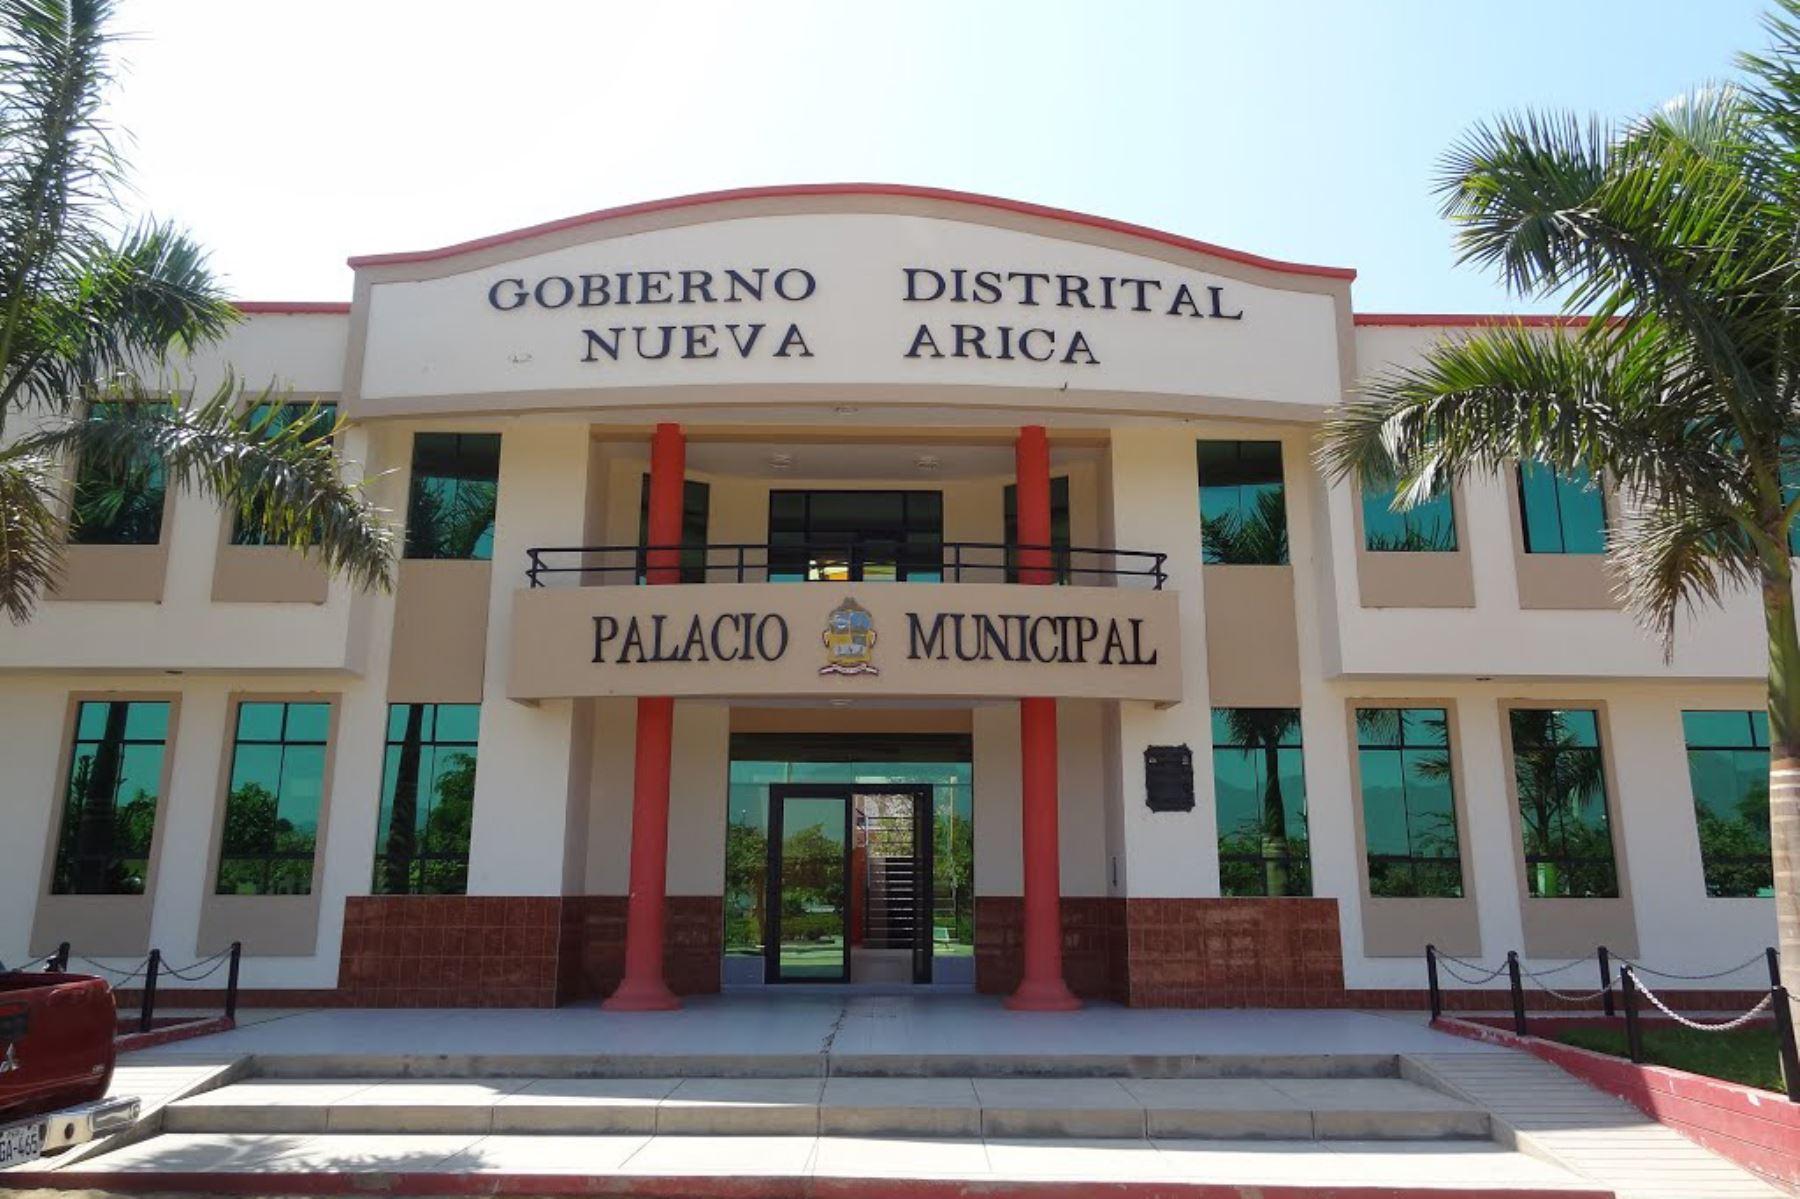 El distrito de Nueva Arica está ubicado en la provincia de Chiclayo, región Lambayeque. Foto: ANDINA/Difusión